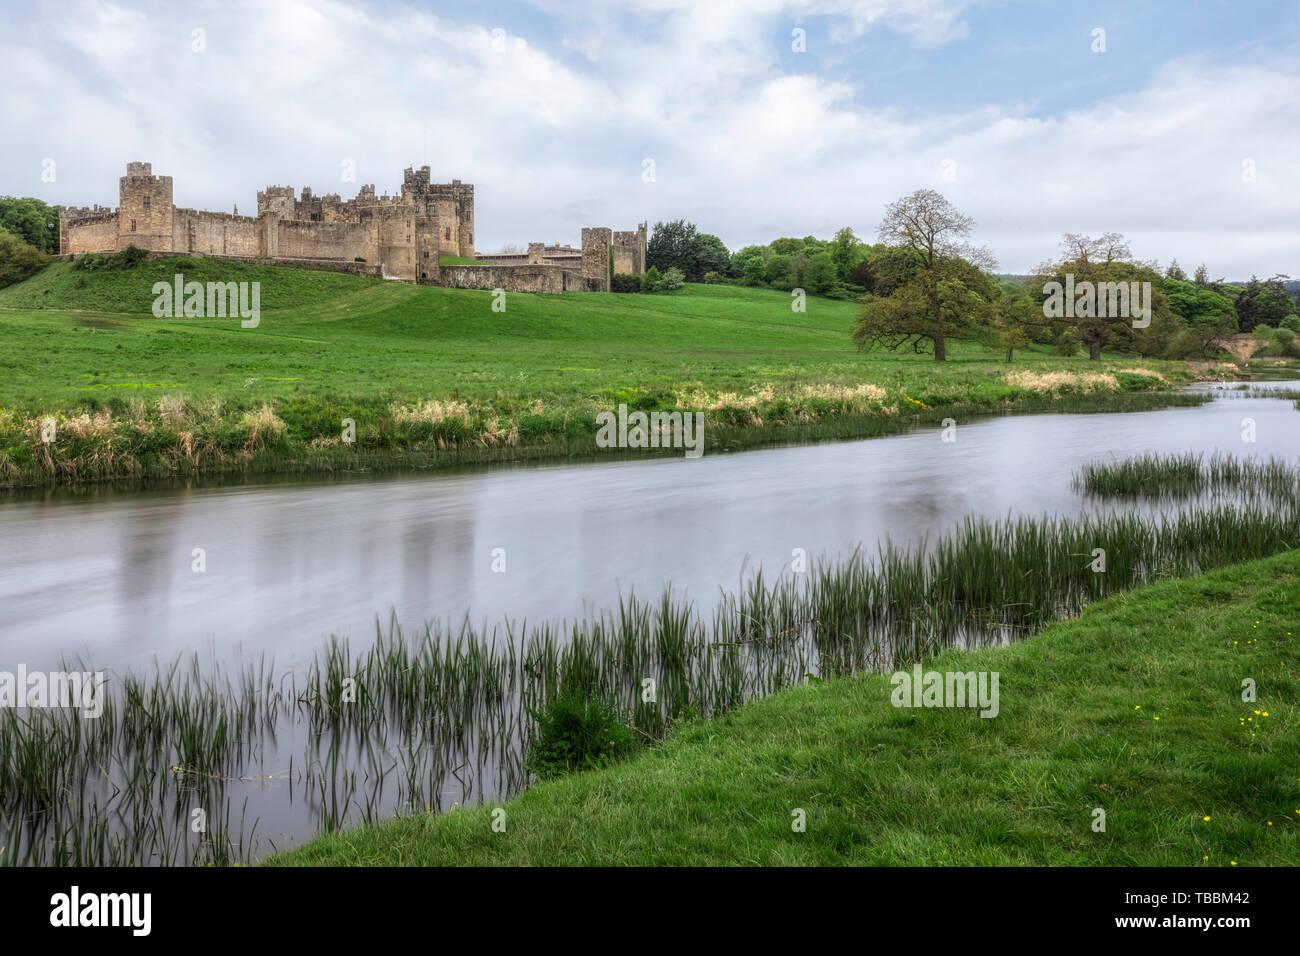 Alnwick Castle, Northumberland, UK, Europe - Stock Image